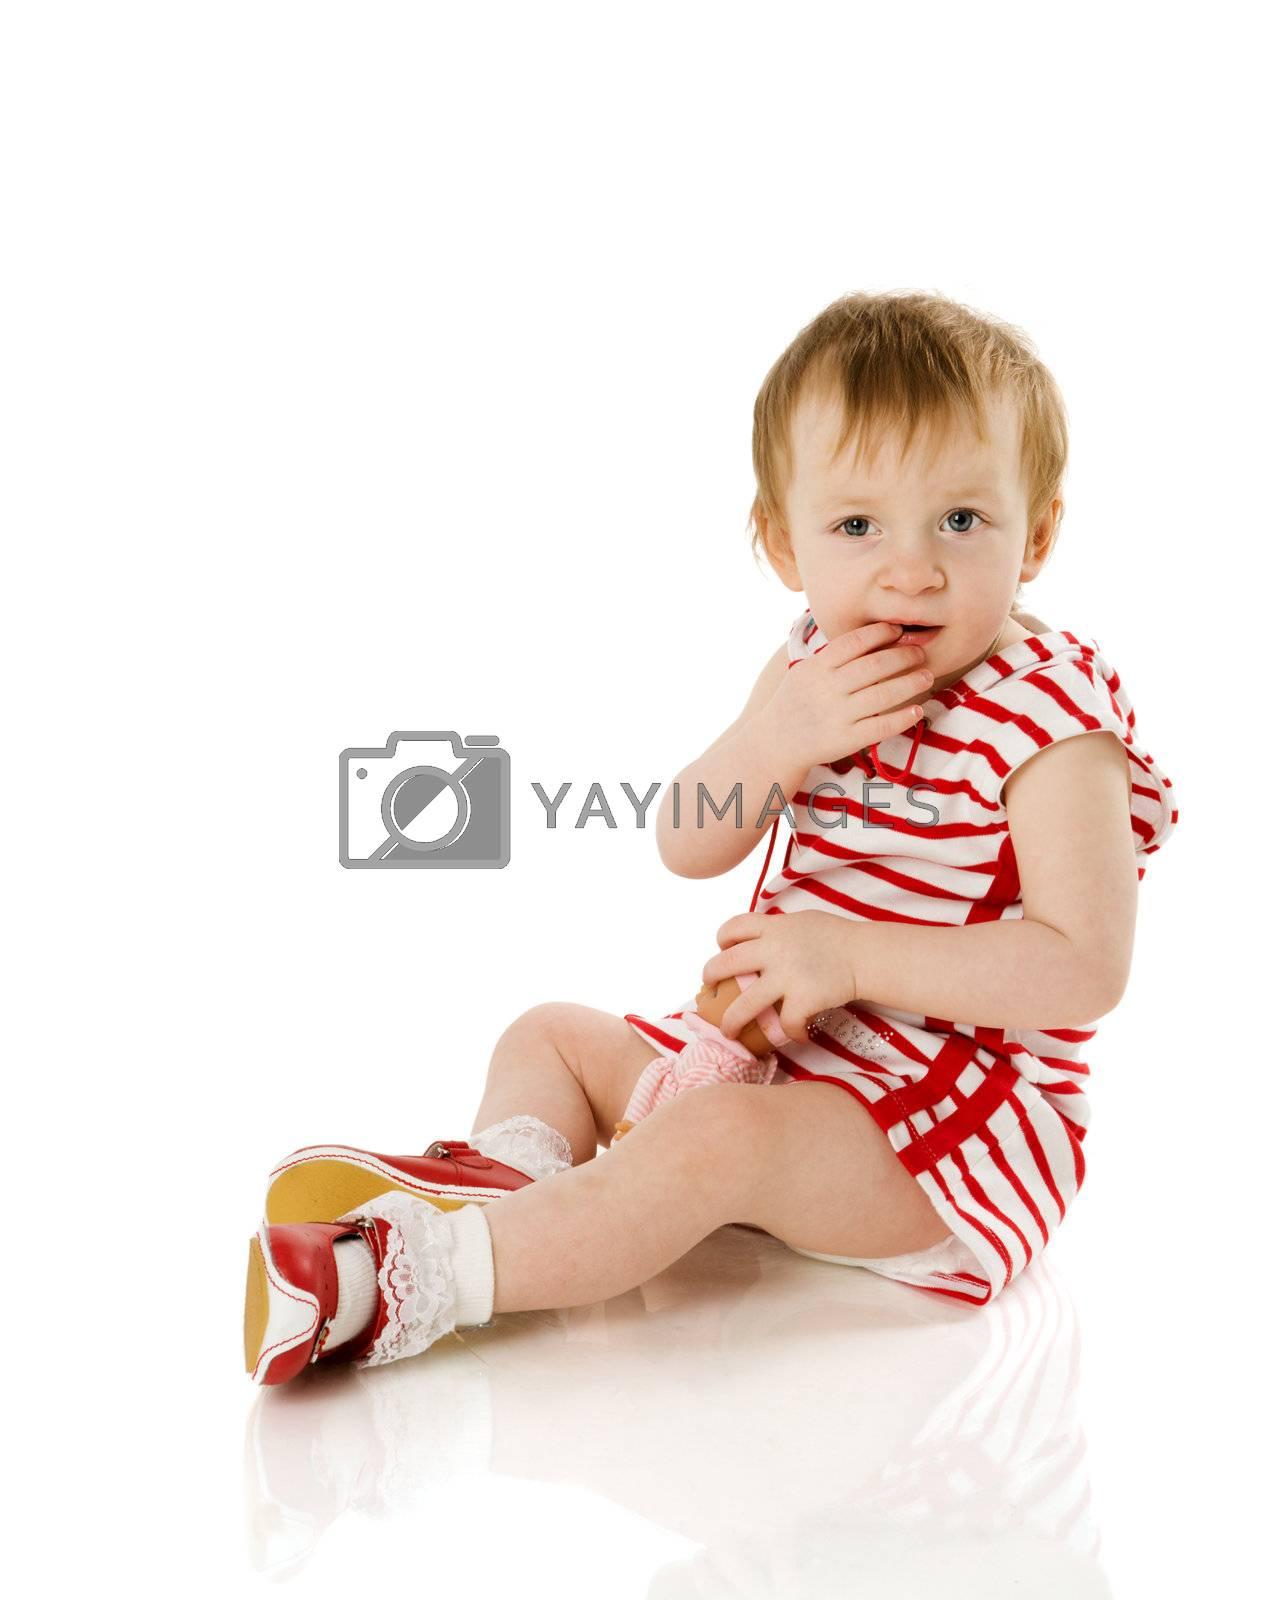 Toddler girl sitting on floor isolated on white